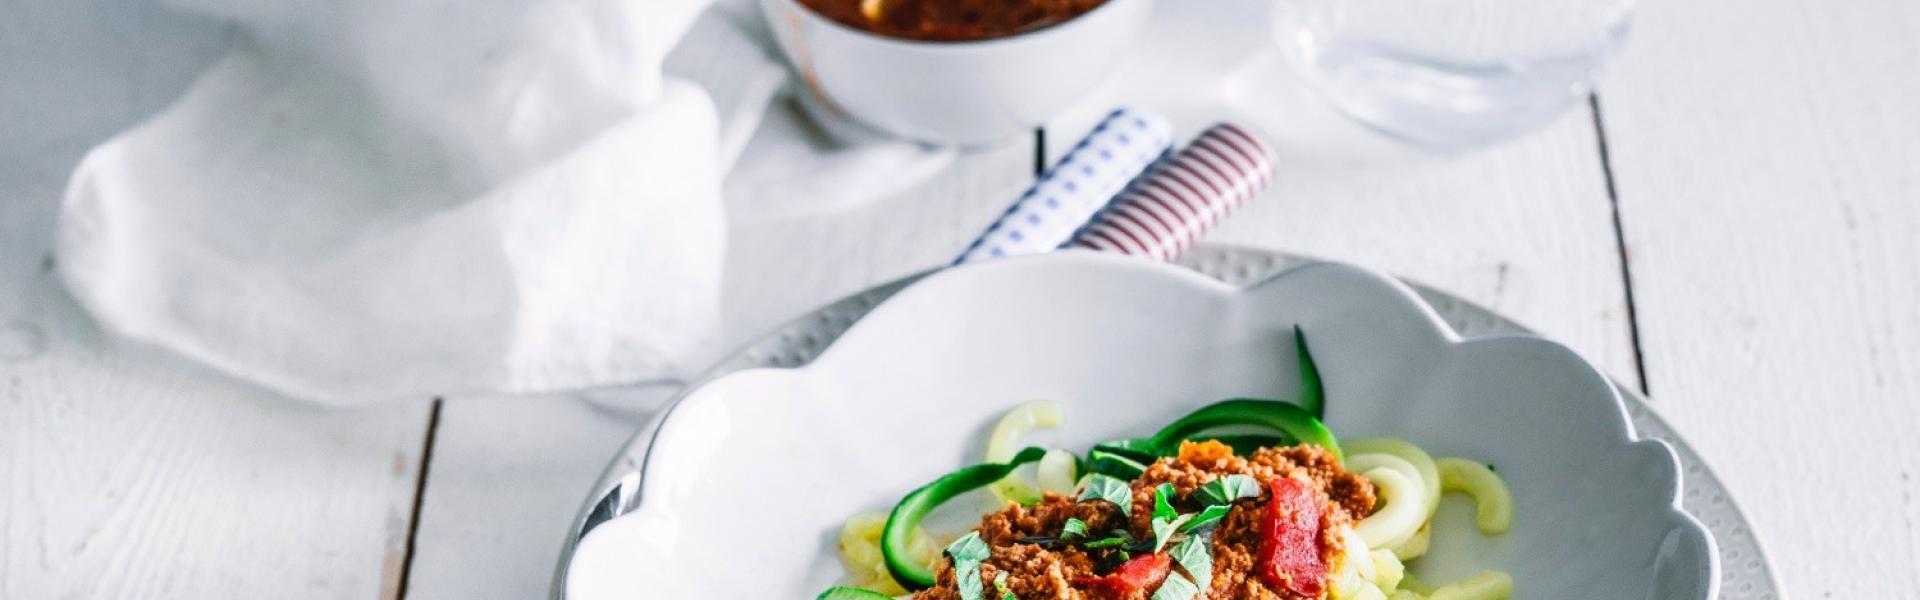 Zucchininudeln auf Teller mit Bolognesesauce